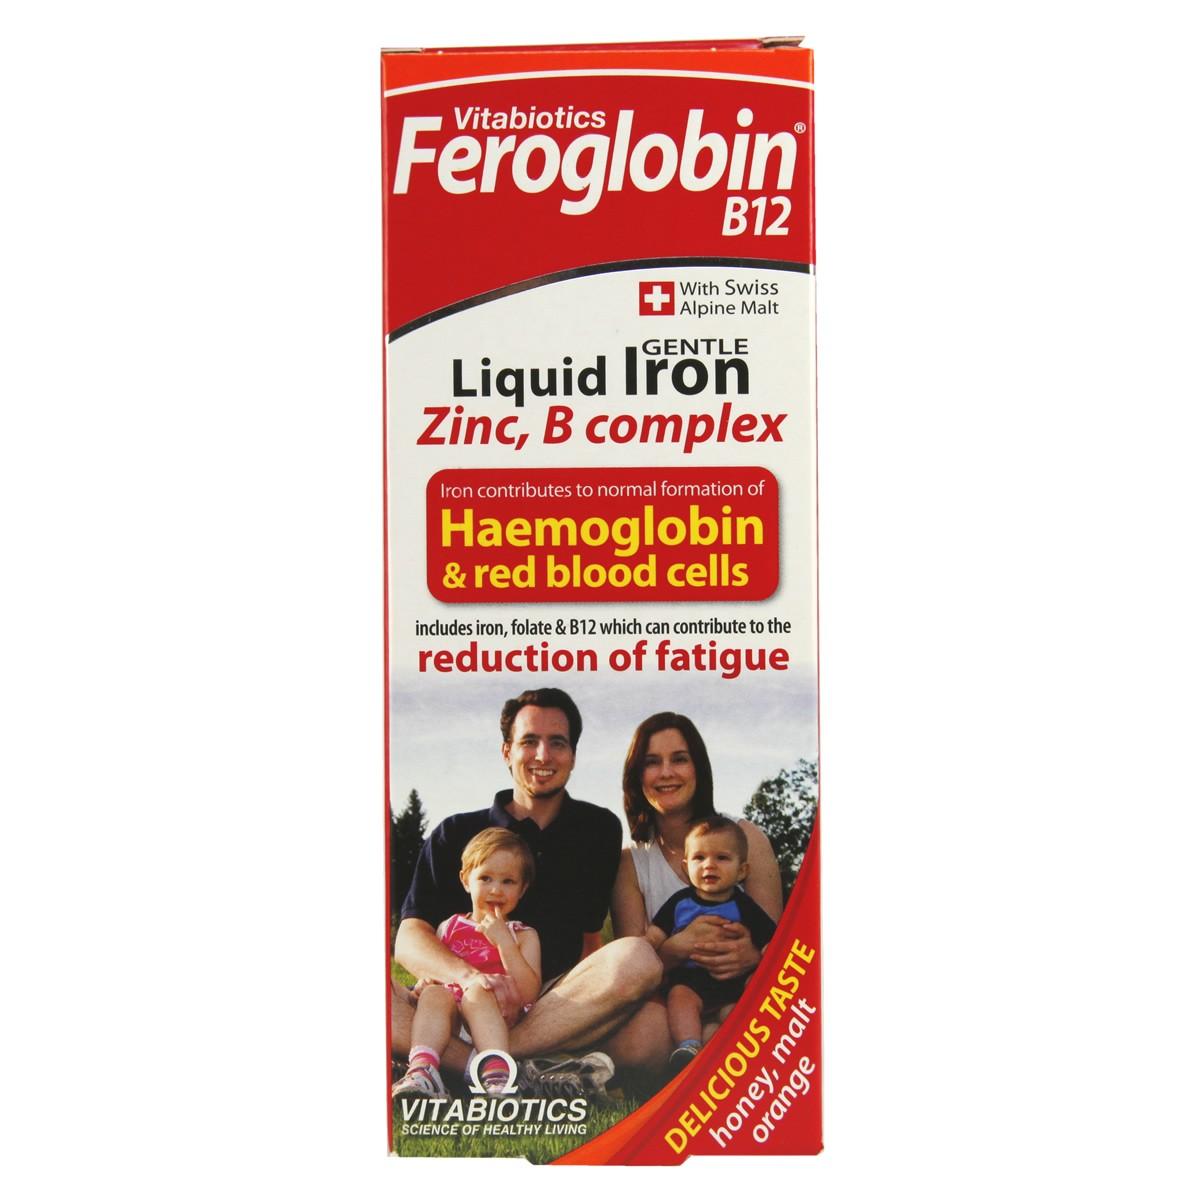 Vitabiotics Feroglobin B12 Liquid